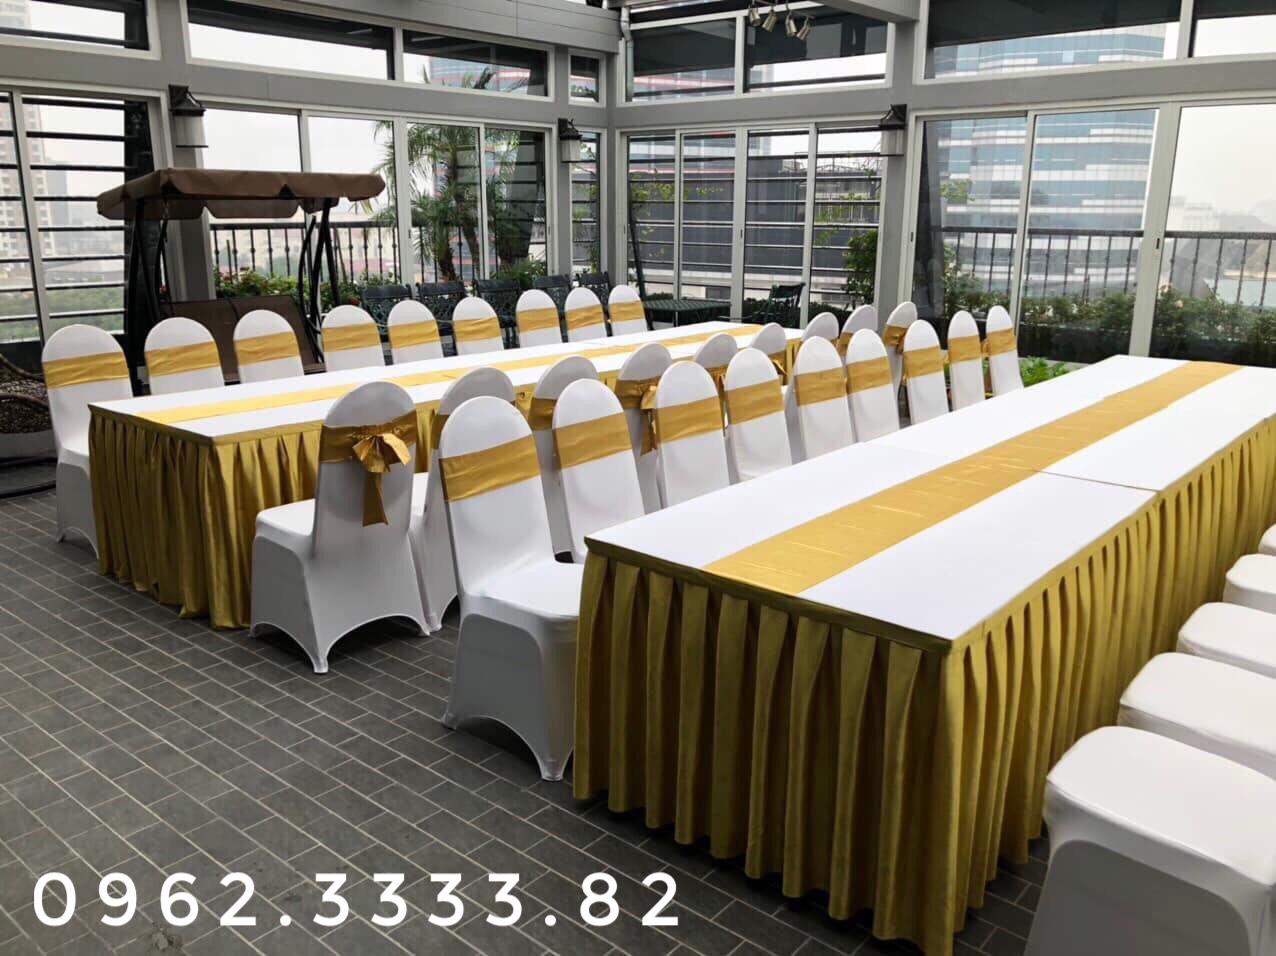 Cho thuê bàn ghế benquyt váy trắng + nơ Vàng